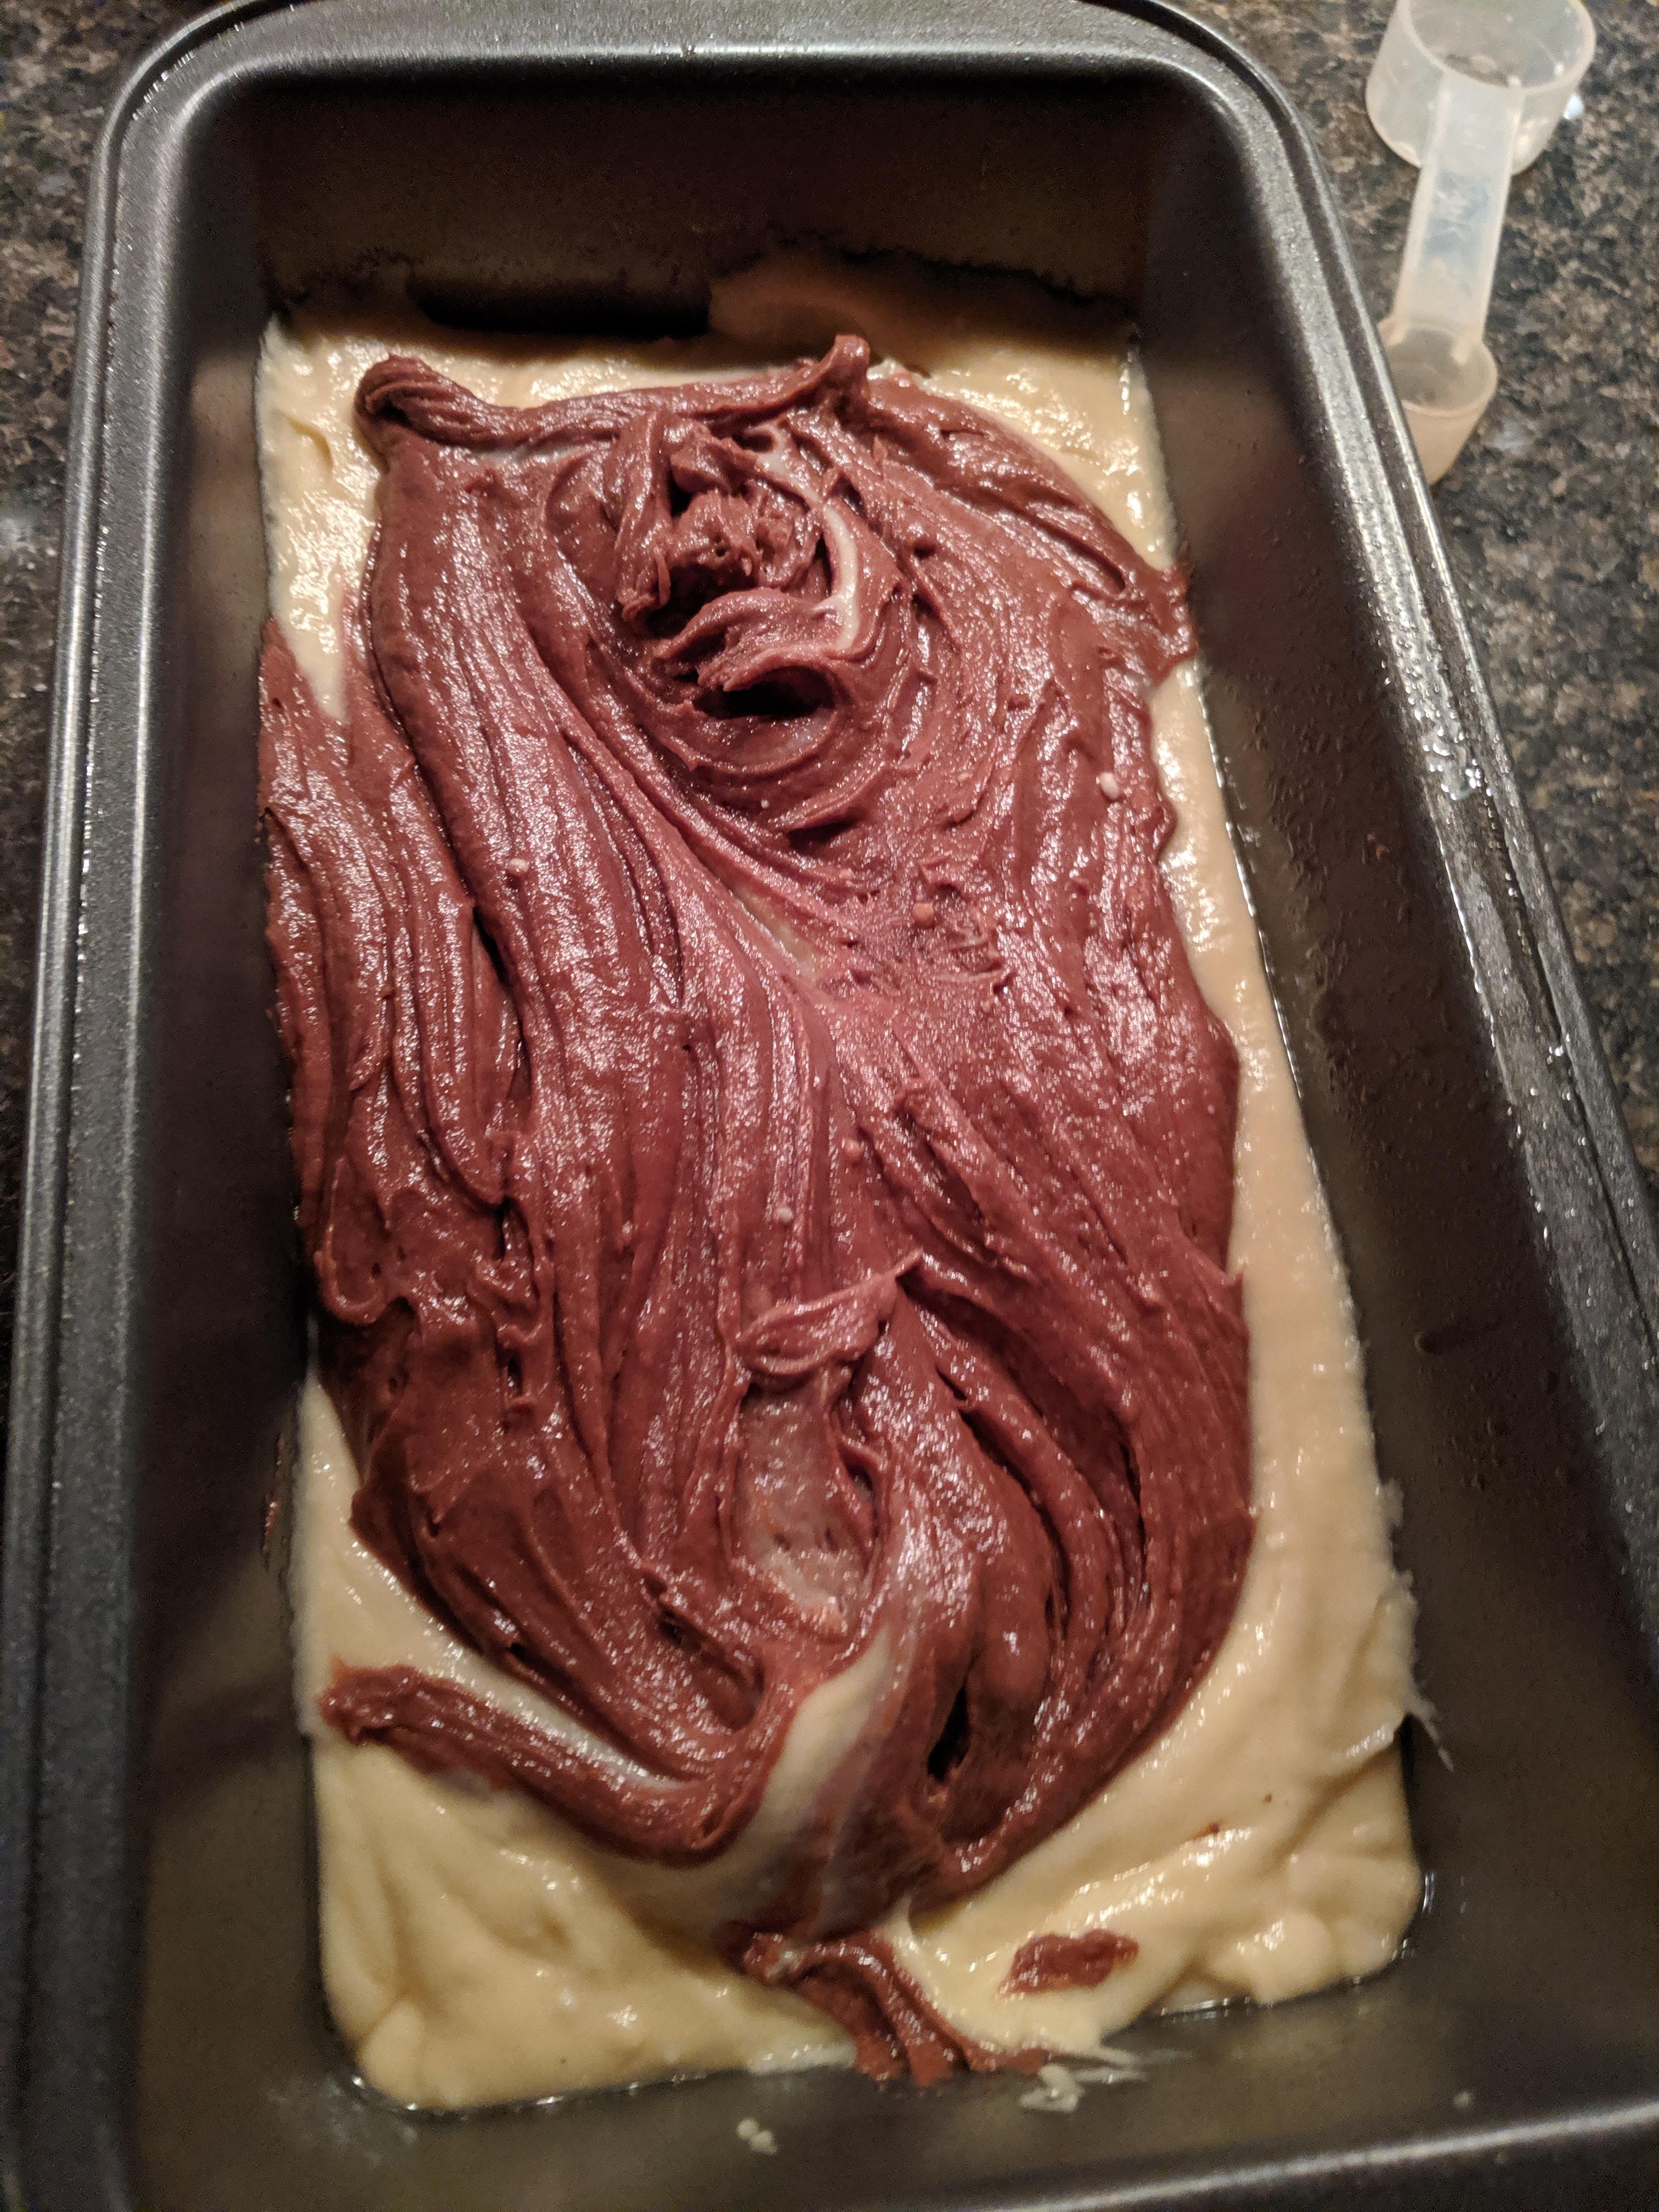 swirled in pan